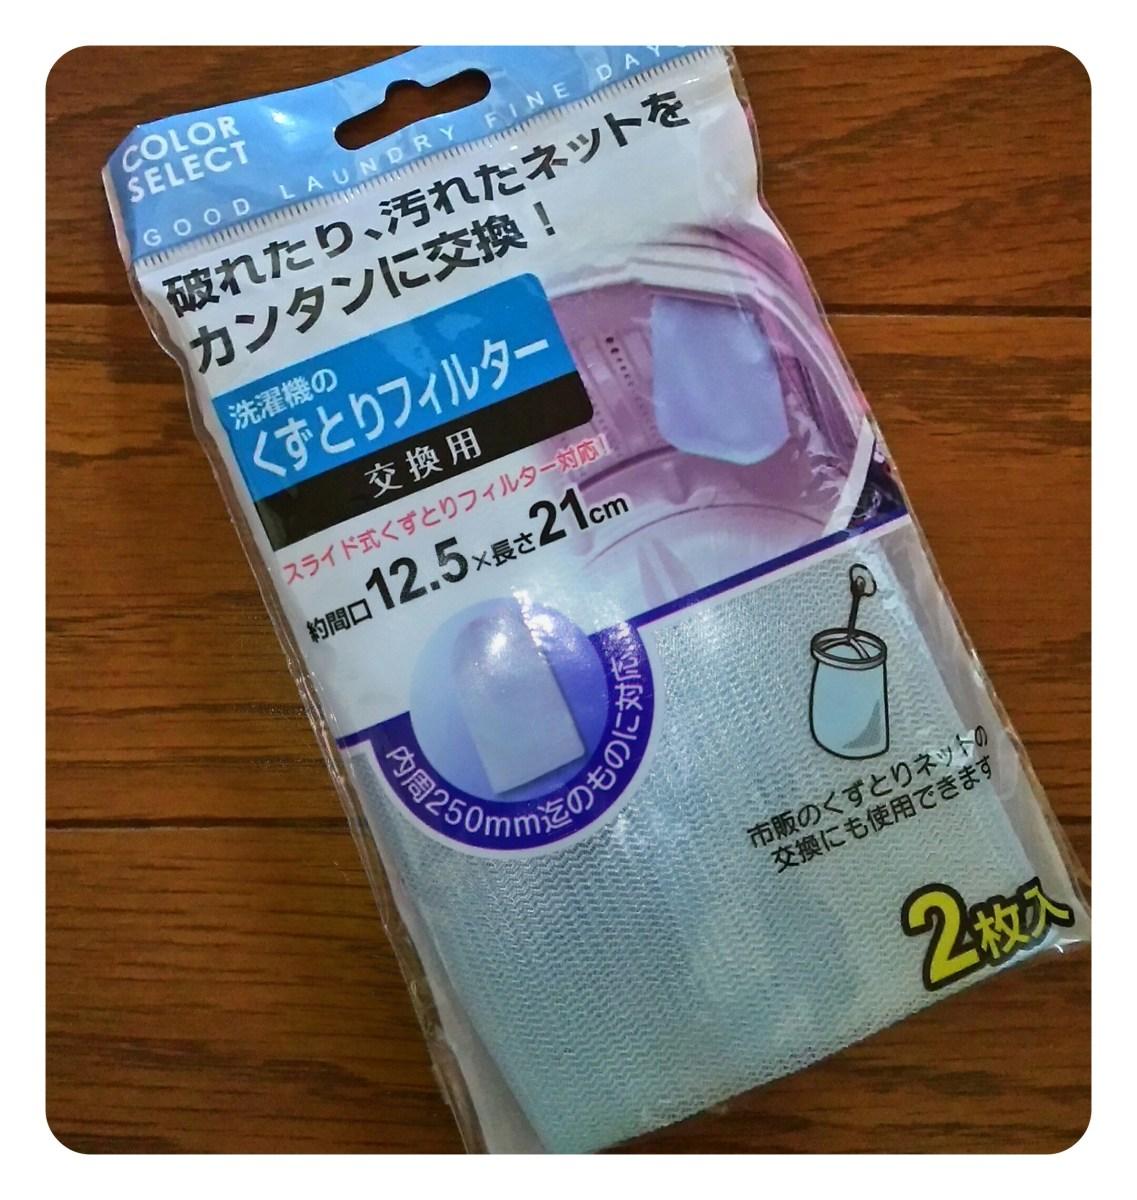 洗濯機のゴミ取りネットは100円で交換!